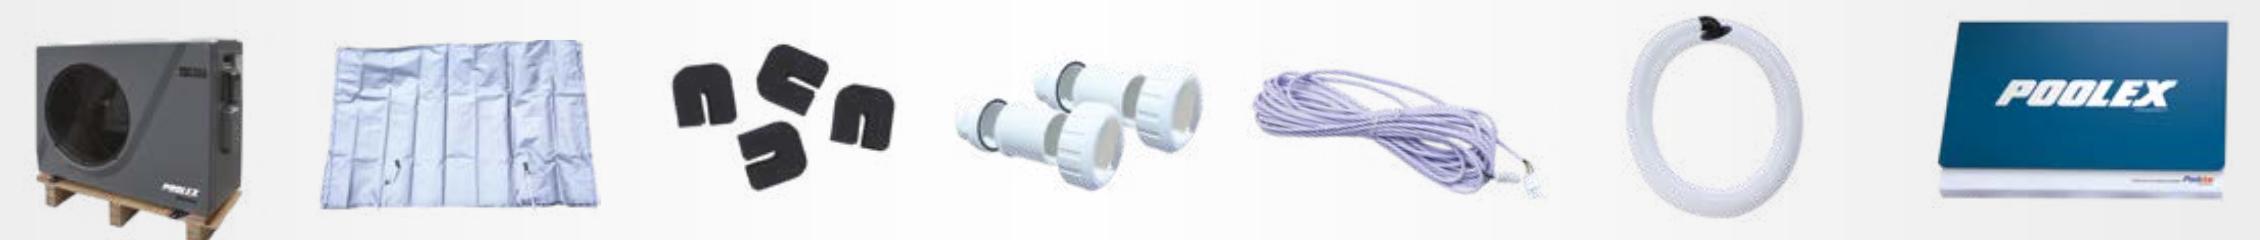 Accesorios Bombas de Calor Silverline Full Inverter